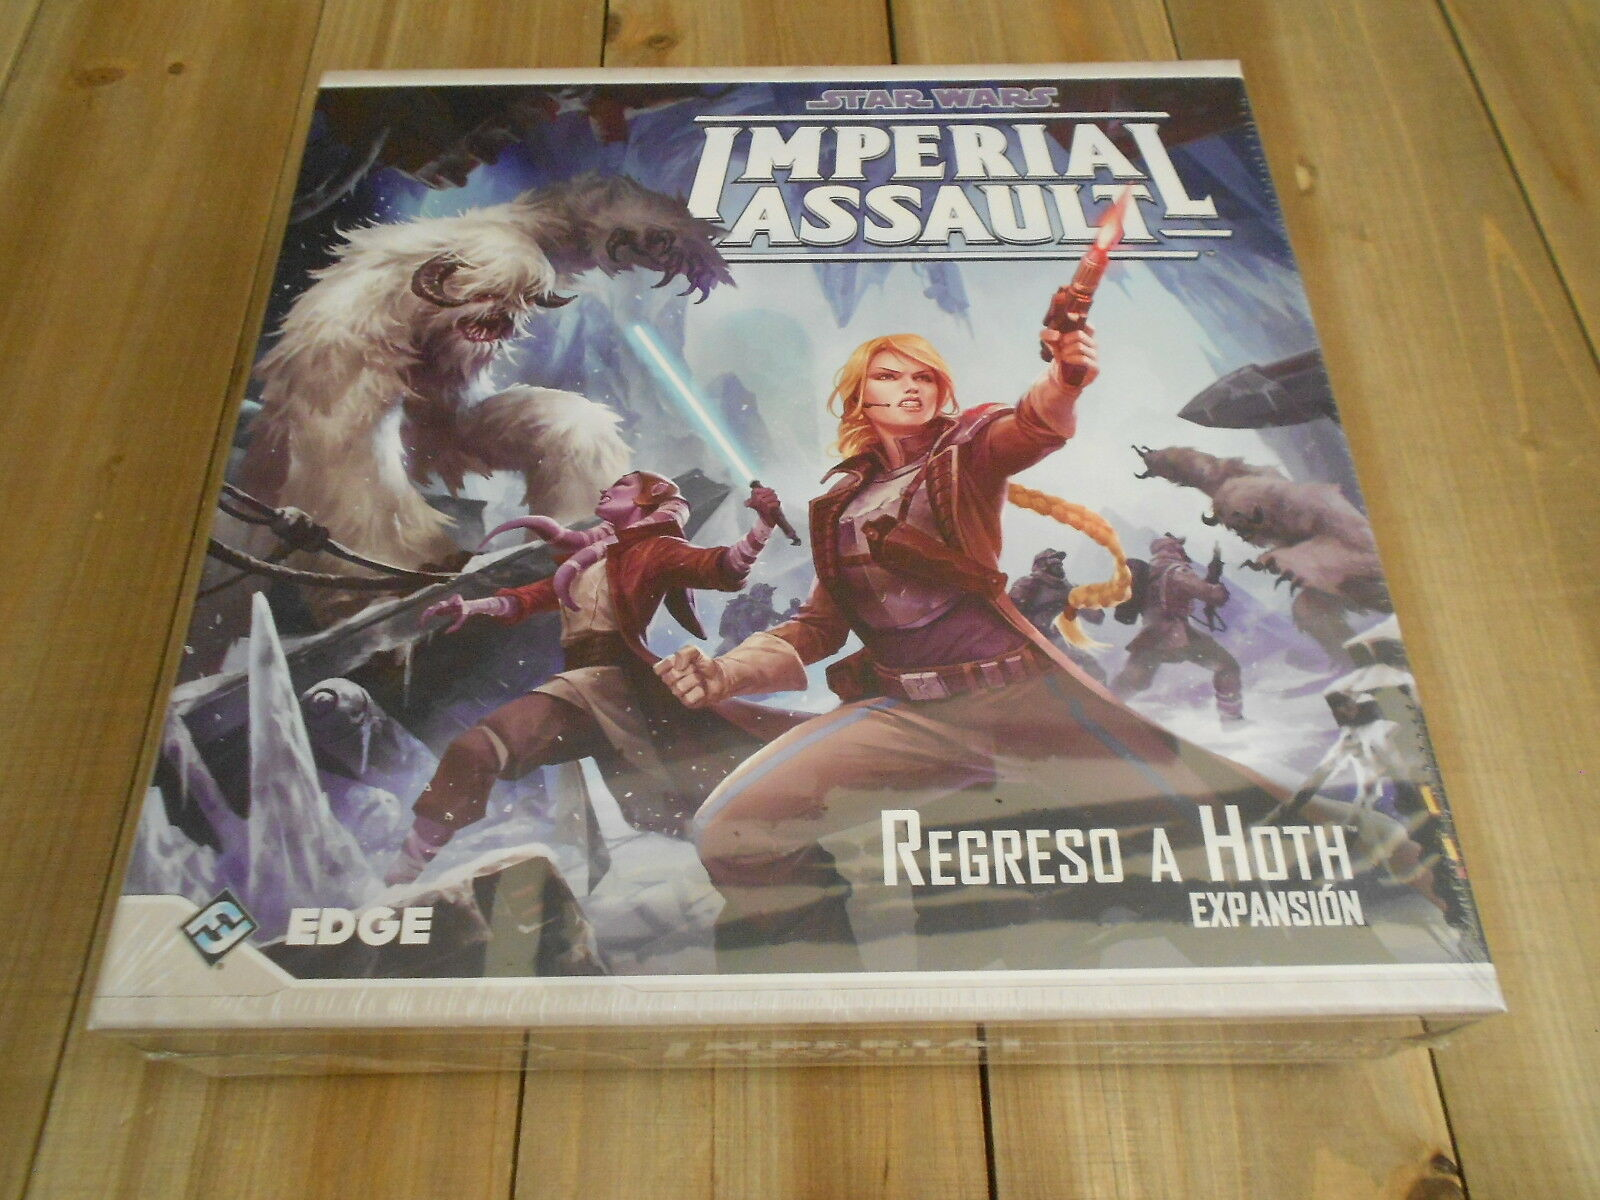 STAR WARS IMPÉRIAL ASSAULT - Retour à Hoth - expansion - EDGE - jeu de table